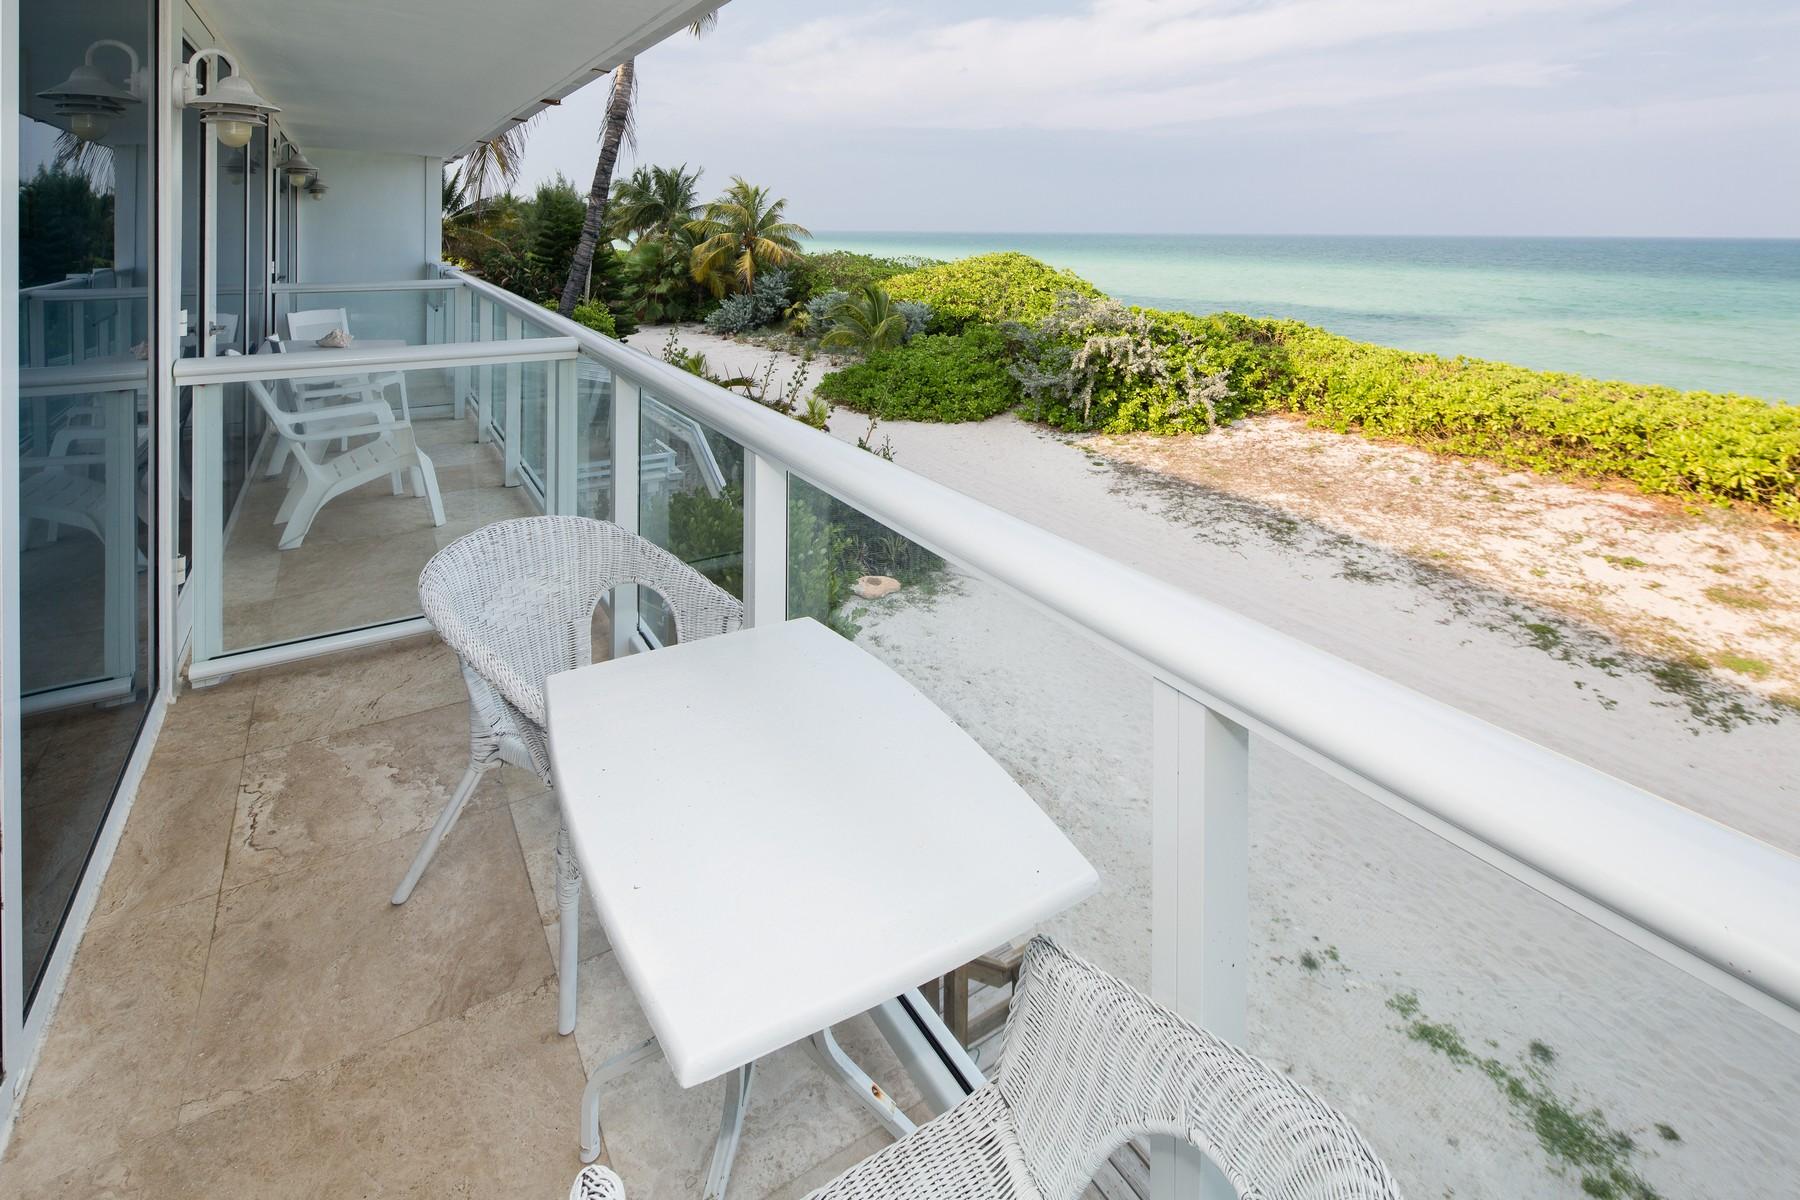 Copropriété pour l Vente à 5445 Collins Ave BTH-4 5445 Collins Ave BTH4 Miami Beach, Florida 33140 États-Unis